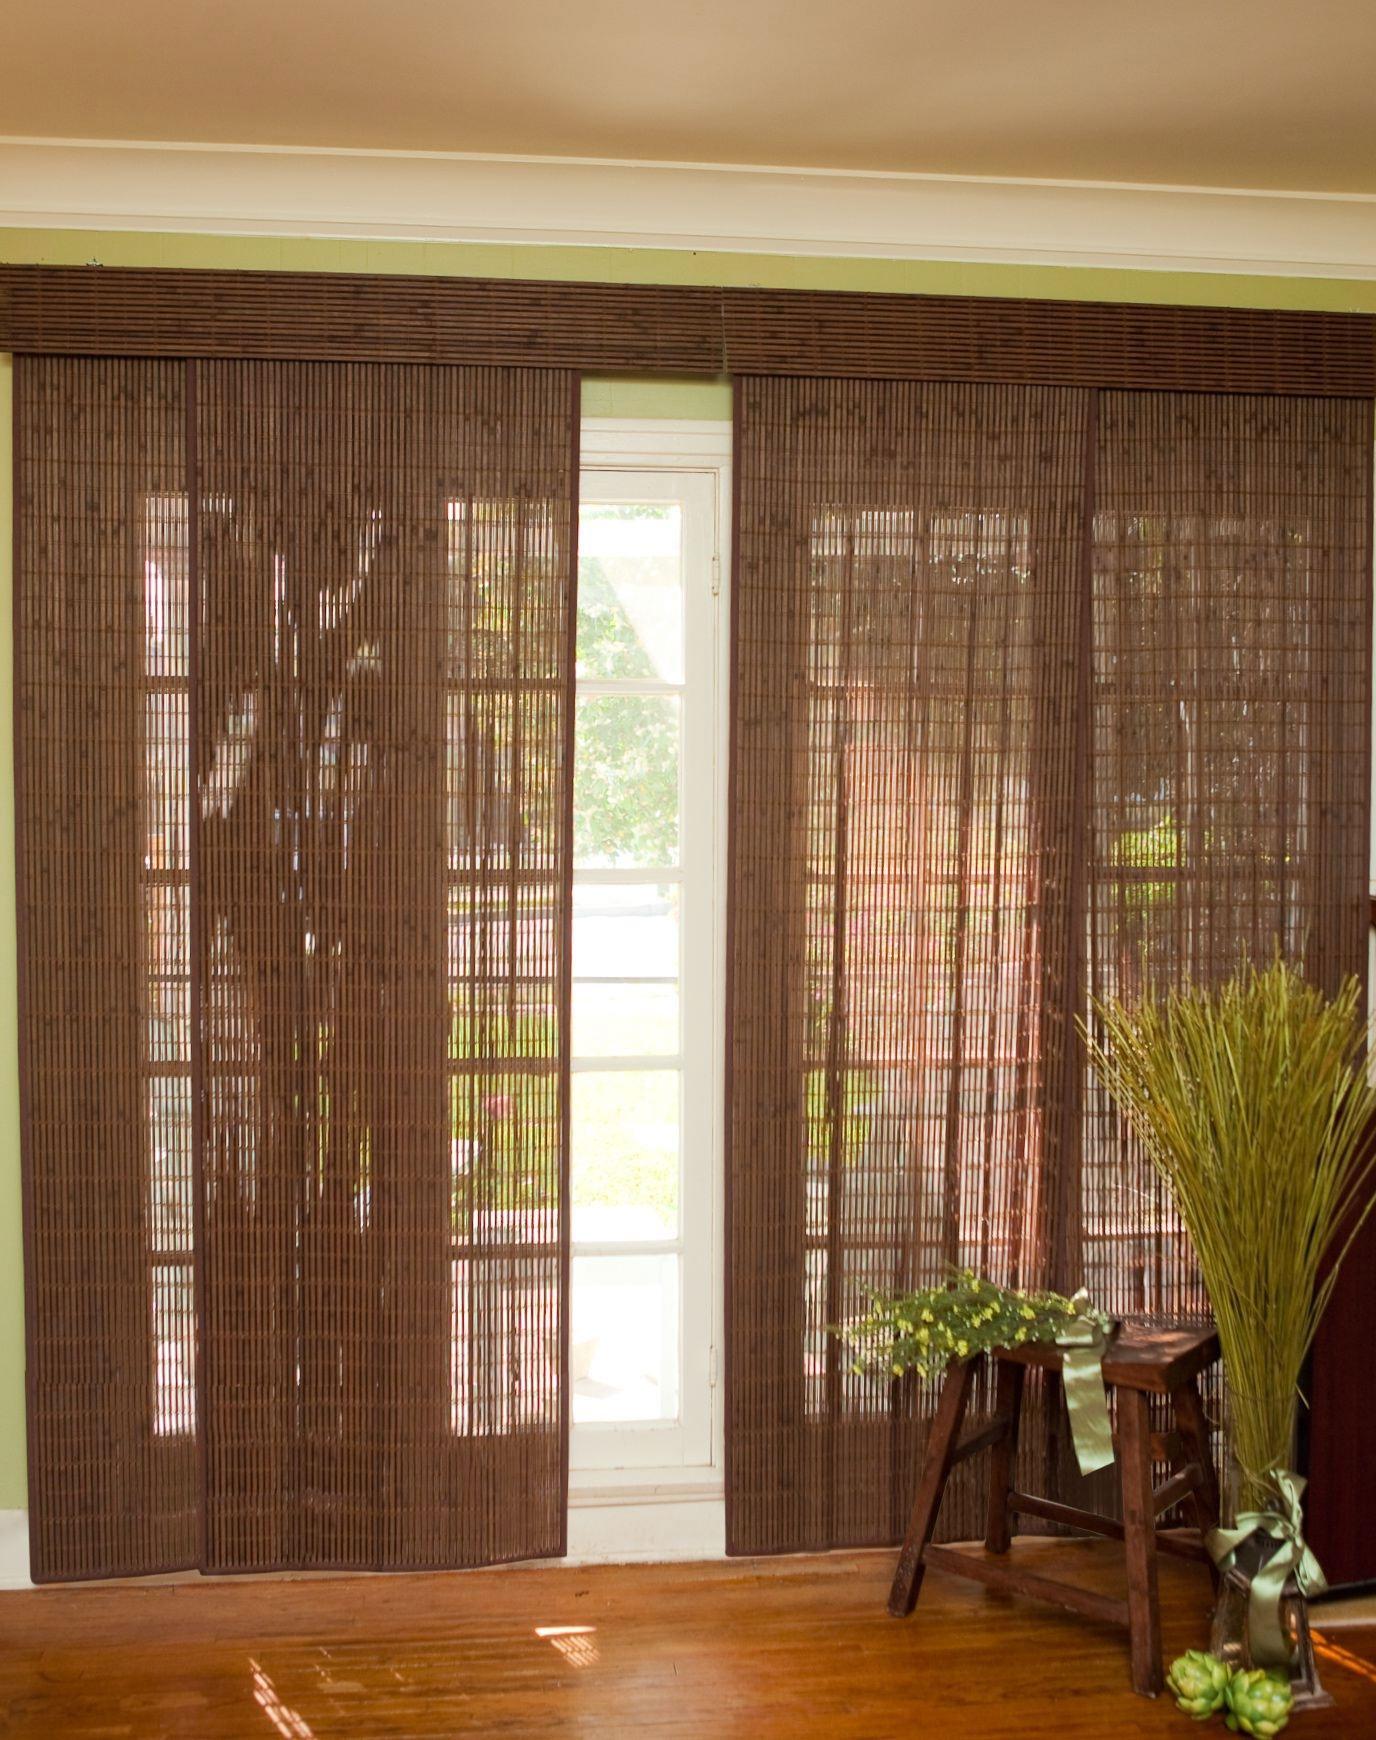 Bamboo Blinds For Sliding Glass Doorsblinds for sliding glass doors latest door stair design